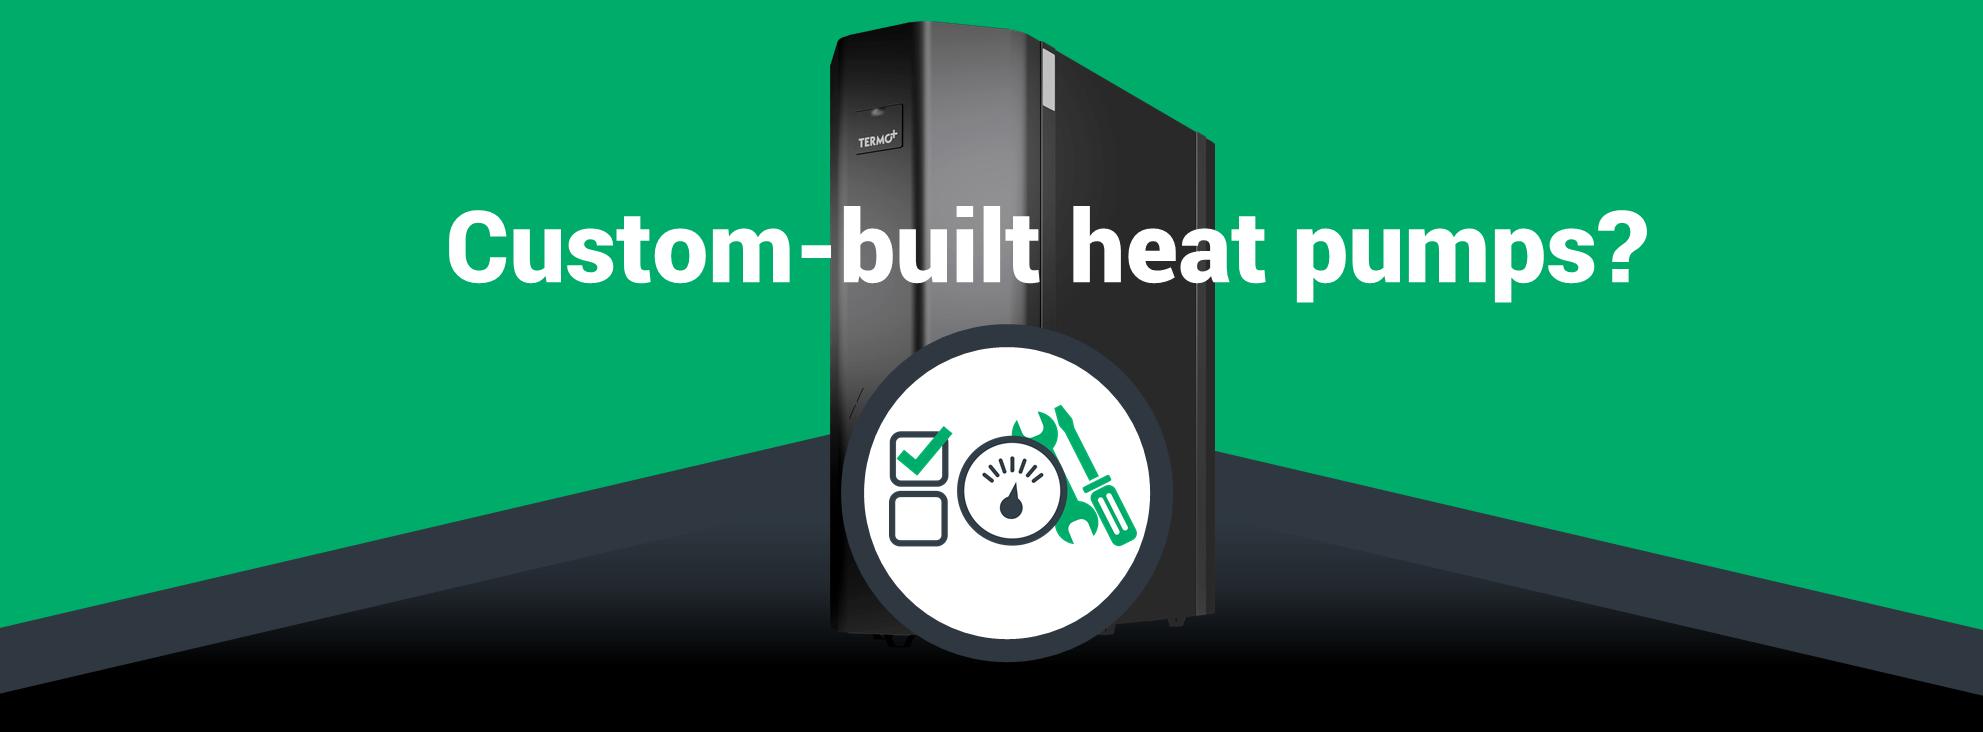 Custom-built heat pumps